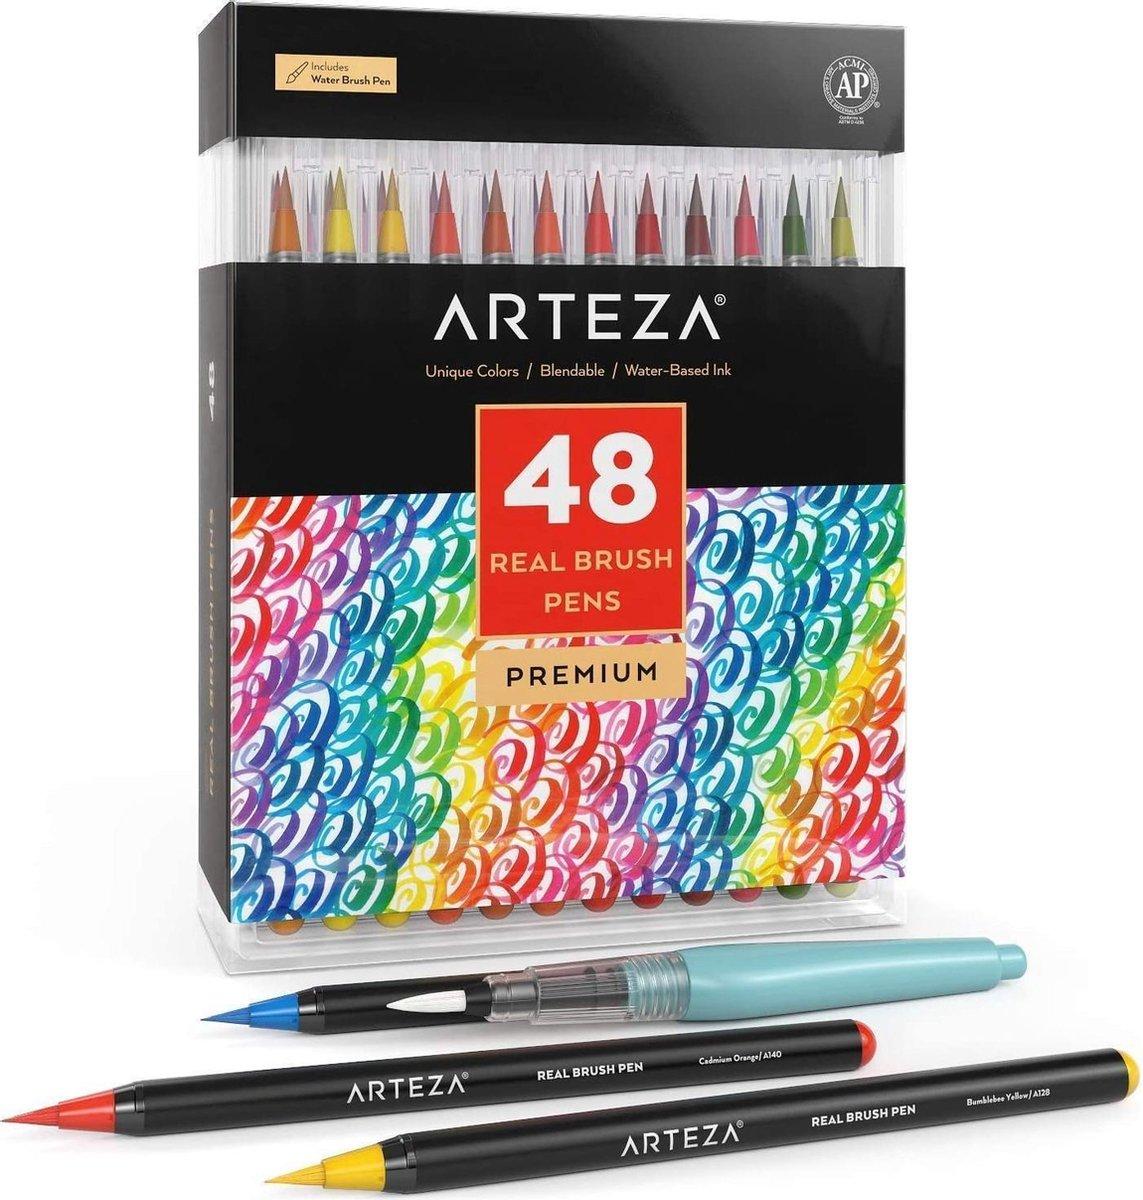 Arteza® Premium Penseelstiften voor kunstenaars - 48 kleuren - Waterverven en schilderen - met flexibele nylon penseelpunt - Markeerstiften om te kleuren - Arteza kleurpotloden - Inclusief water brush pen